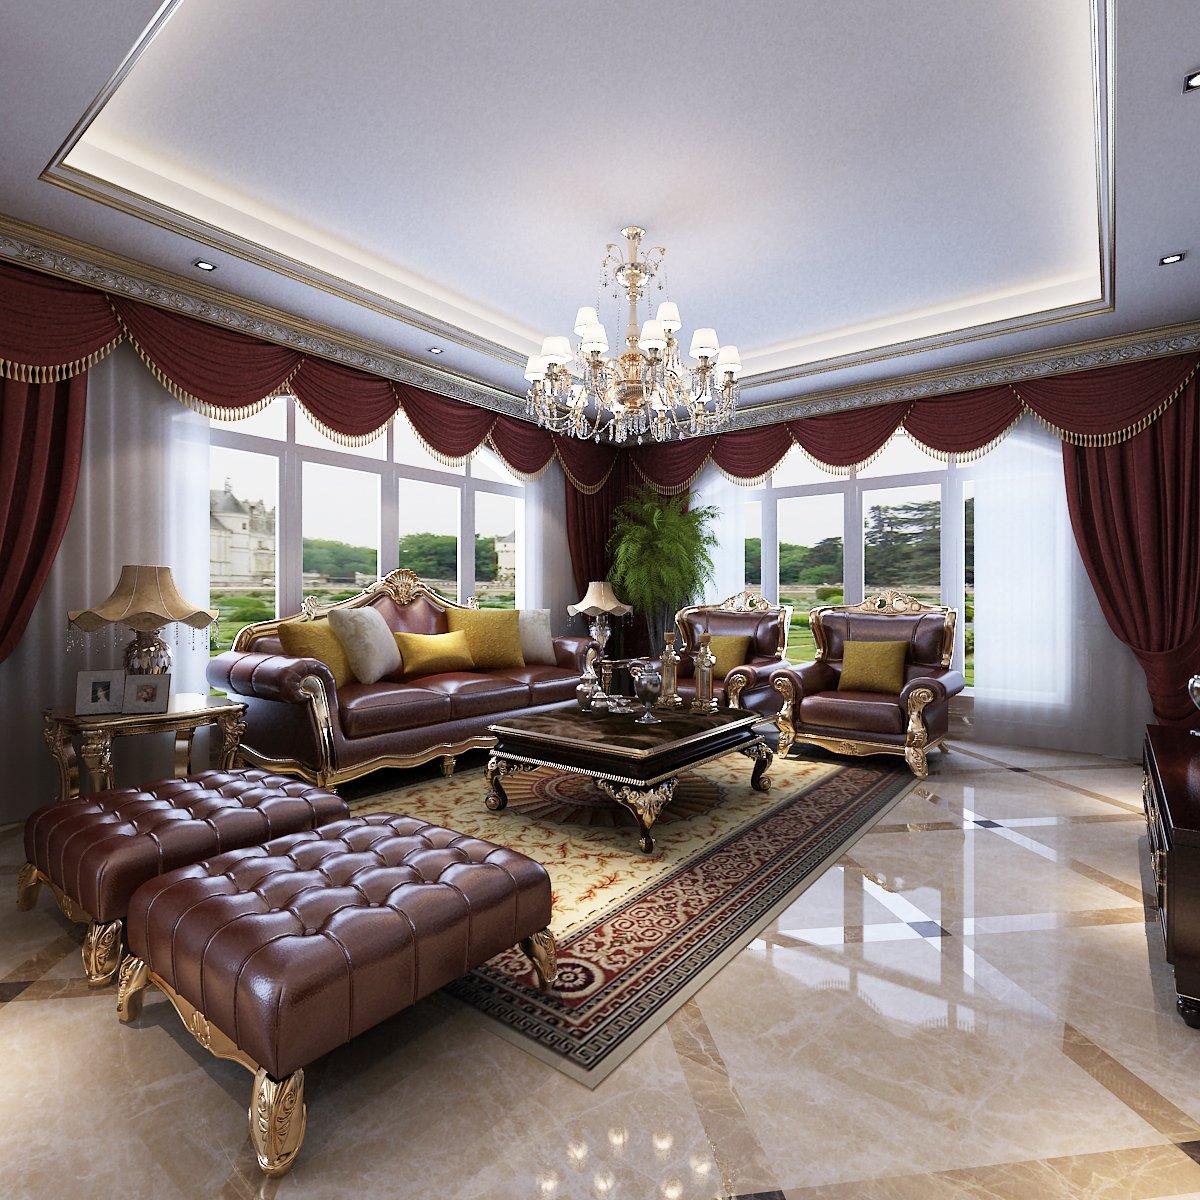 Luxury Living Room 3d Model In Living Room 3dexport